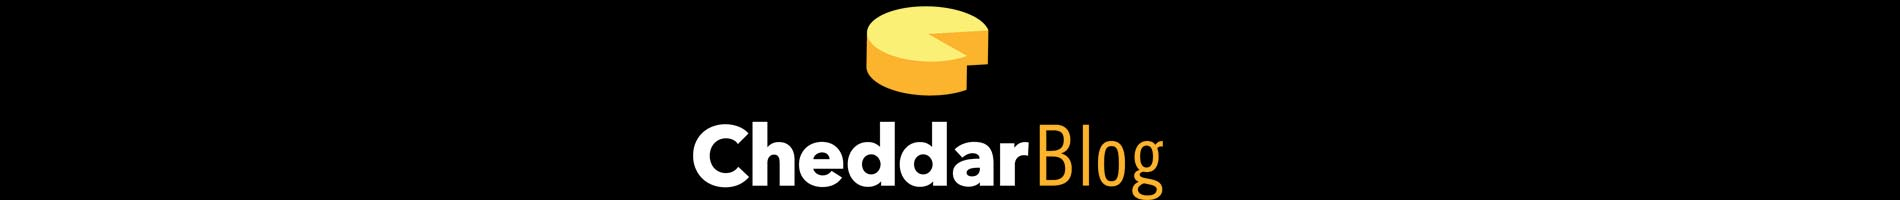 Cheddar Blog Logo